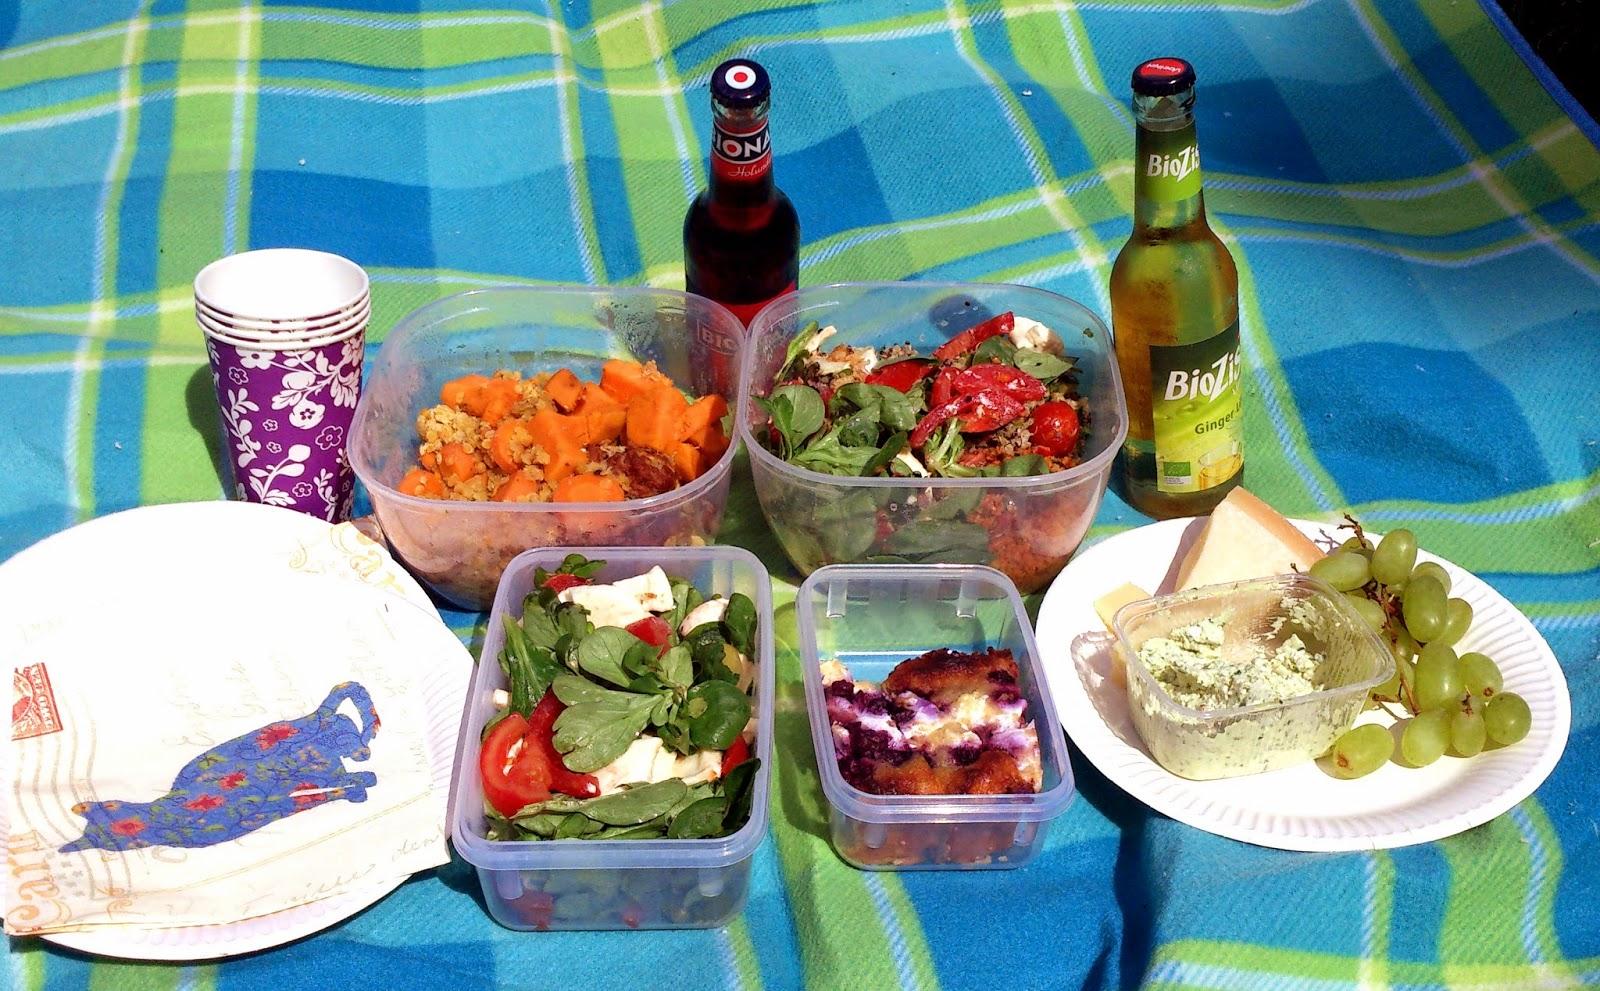 Herkulliset piknik-eväät aurinkoiselle piknikille!